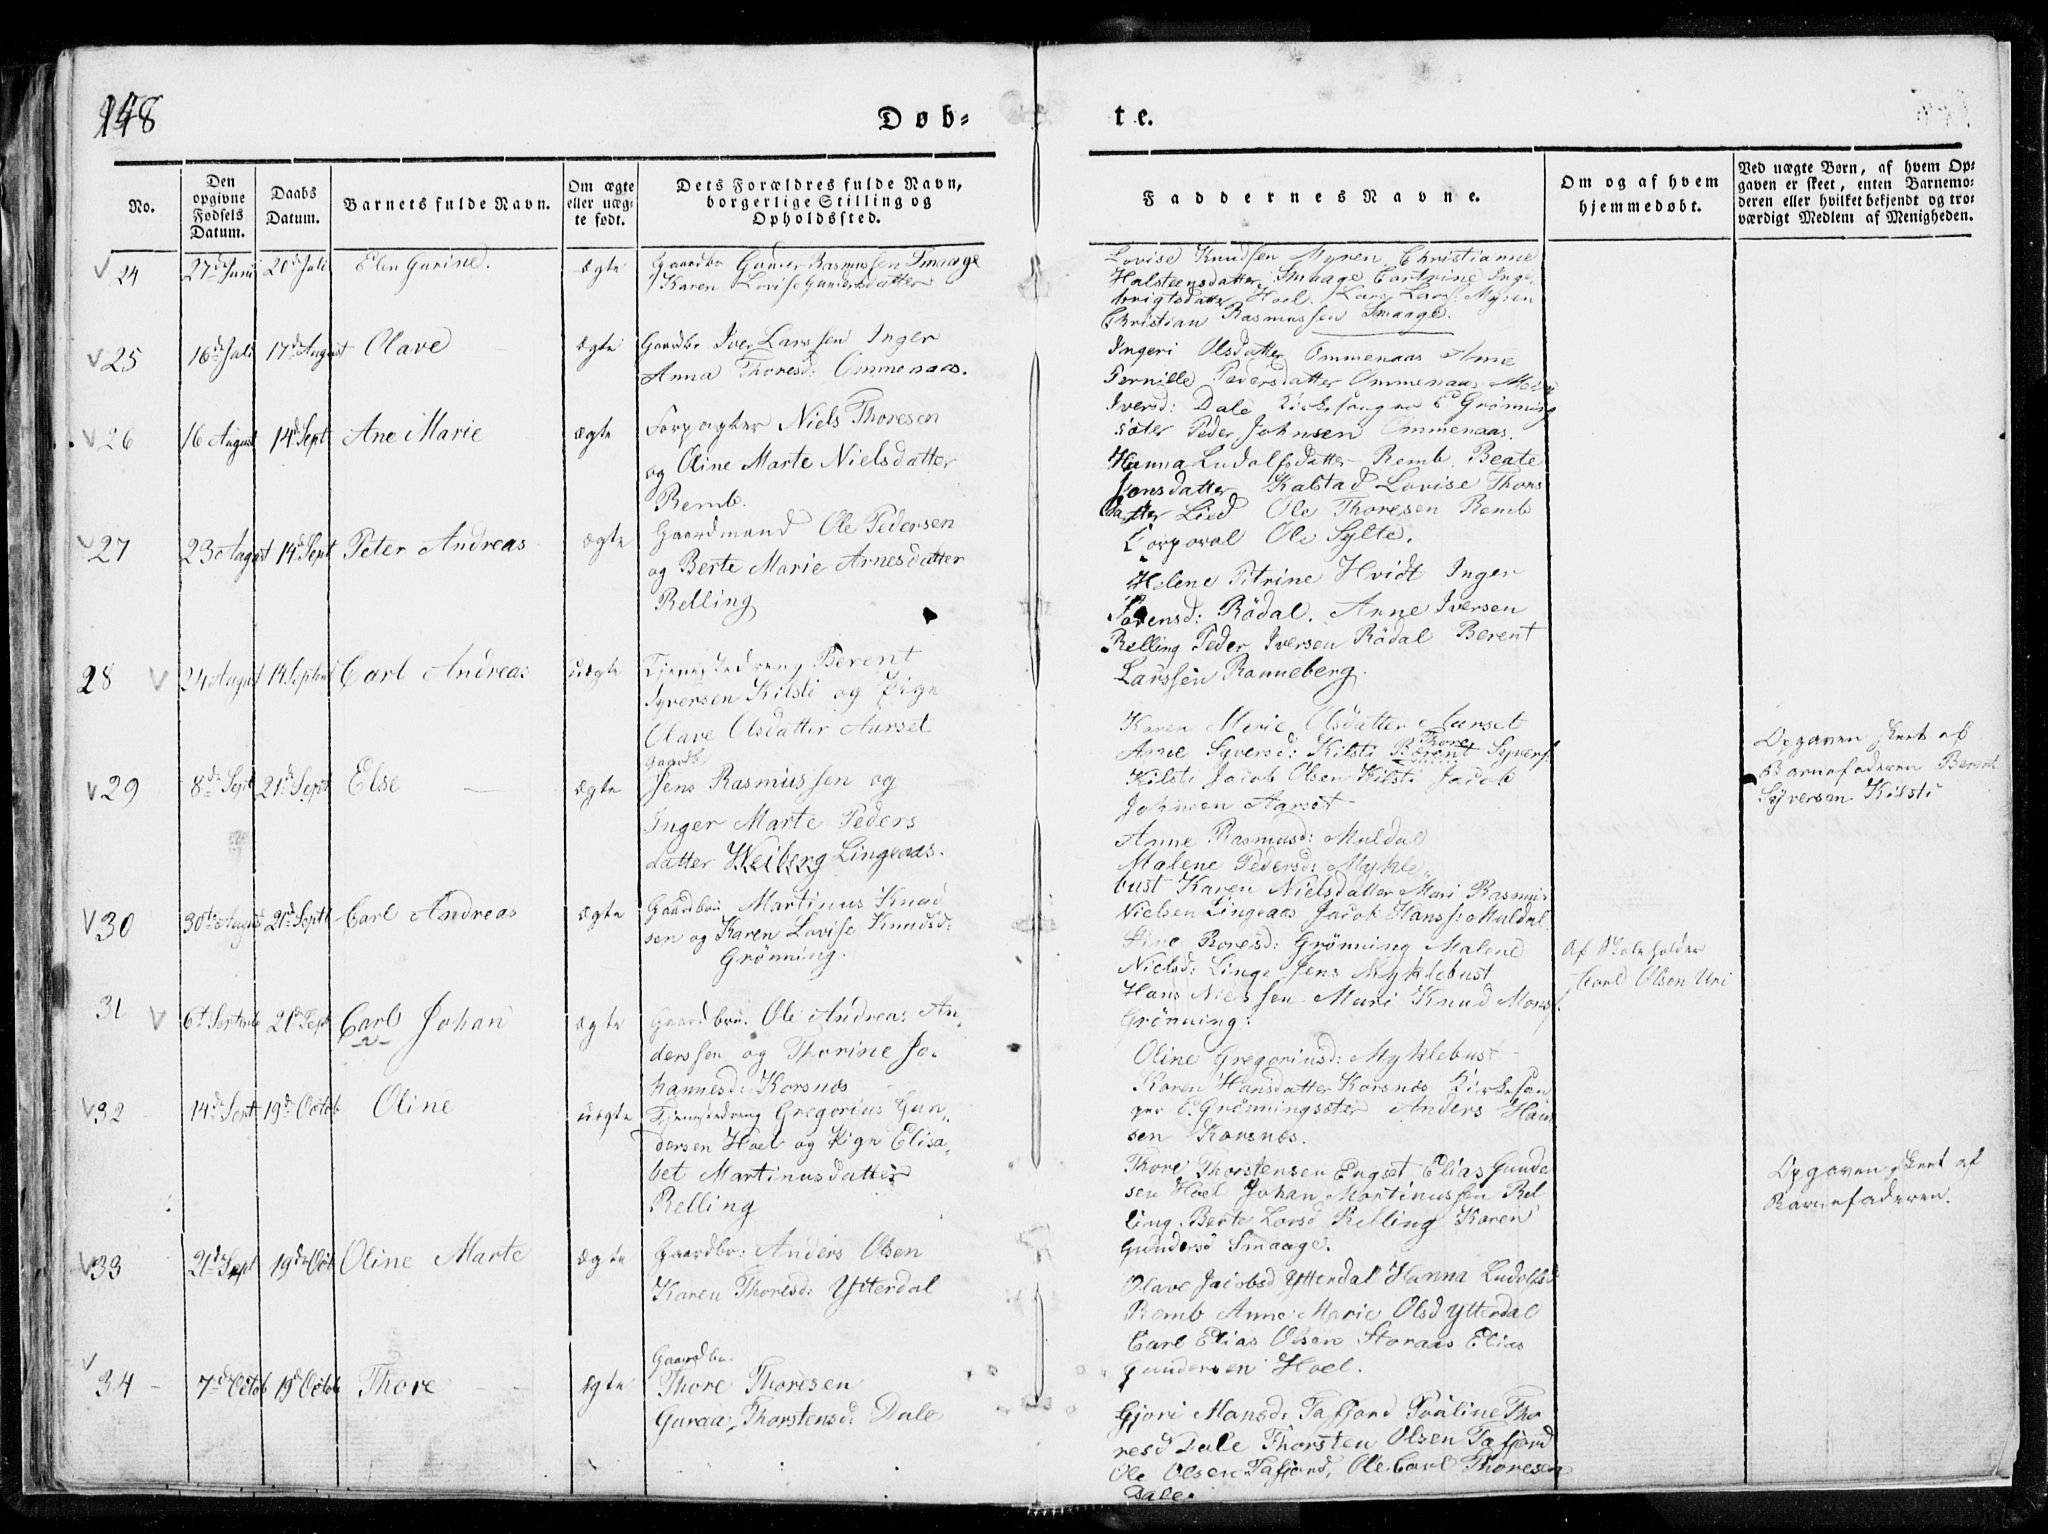 SAT, Ministerialprotokoller, klokkerbøker og fødselsregistre - Møre og Romsdal, 519/L0247: Ministerialbok nr. 519A06, 1827-1846, s. 148